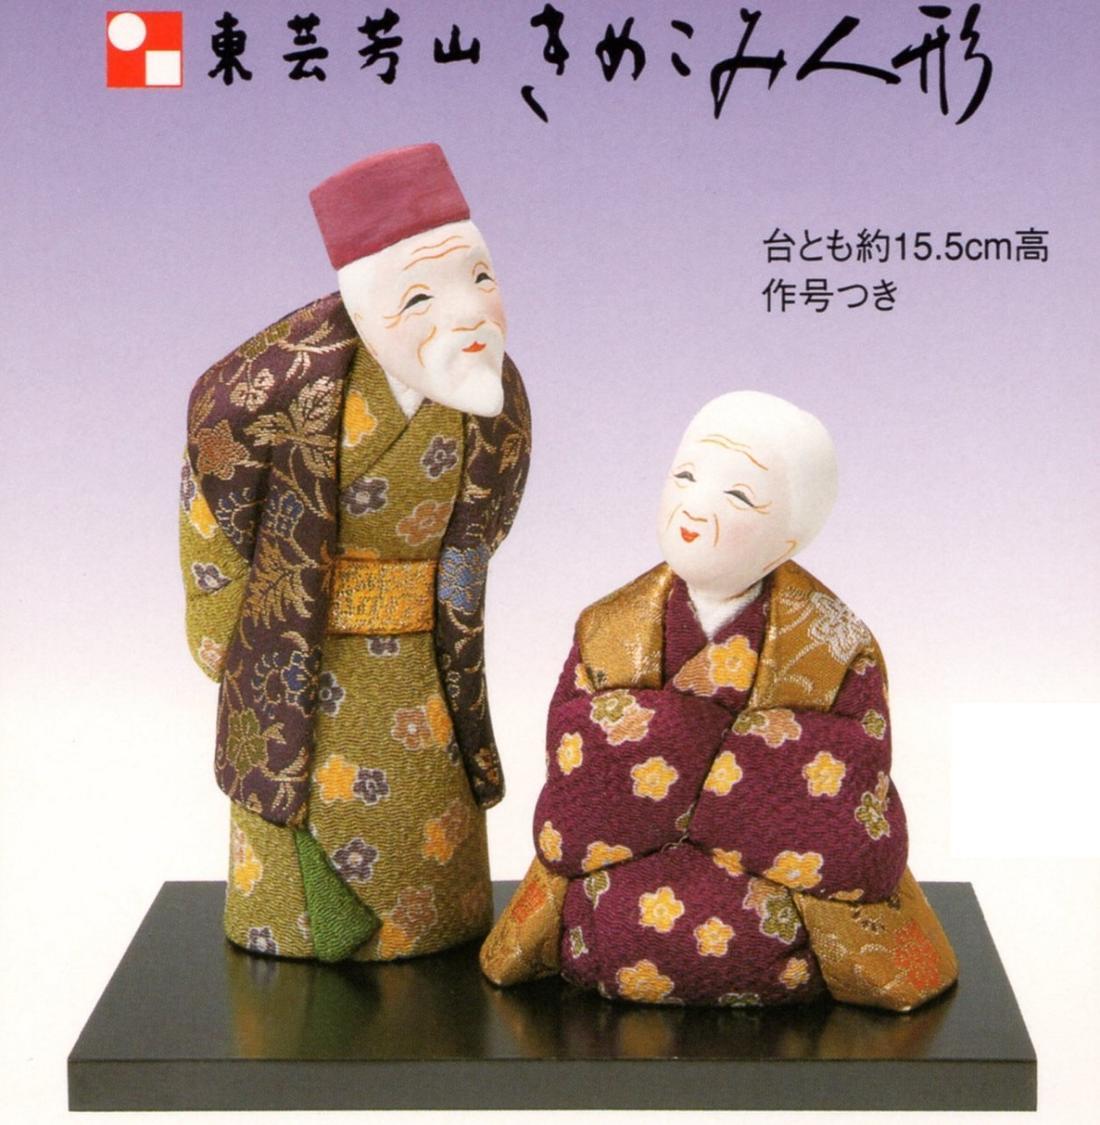 東芸 木目込人形キット「円満ご長寿」 H719-01